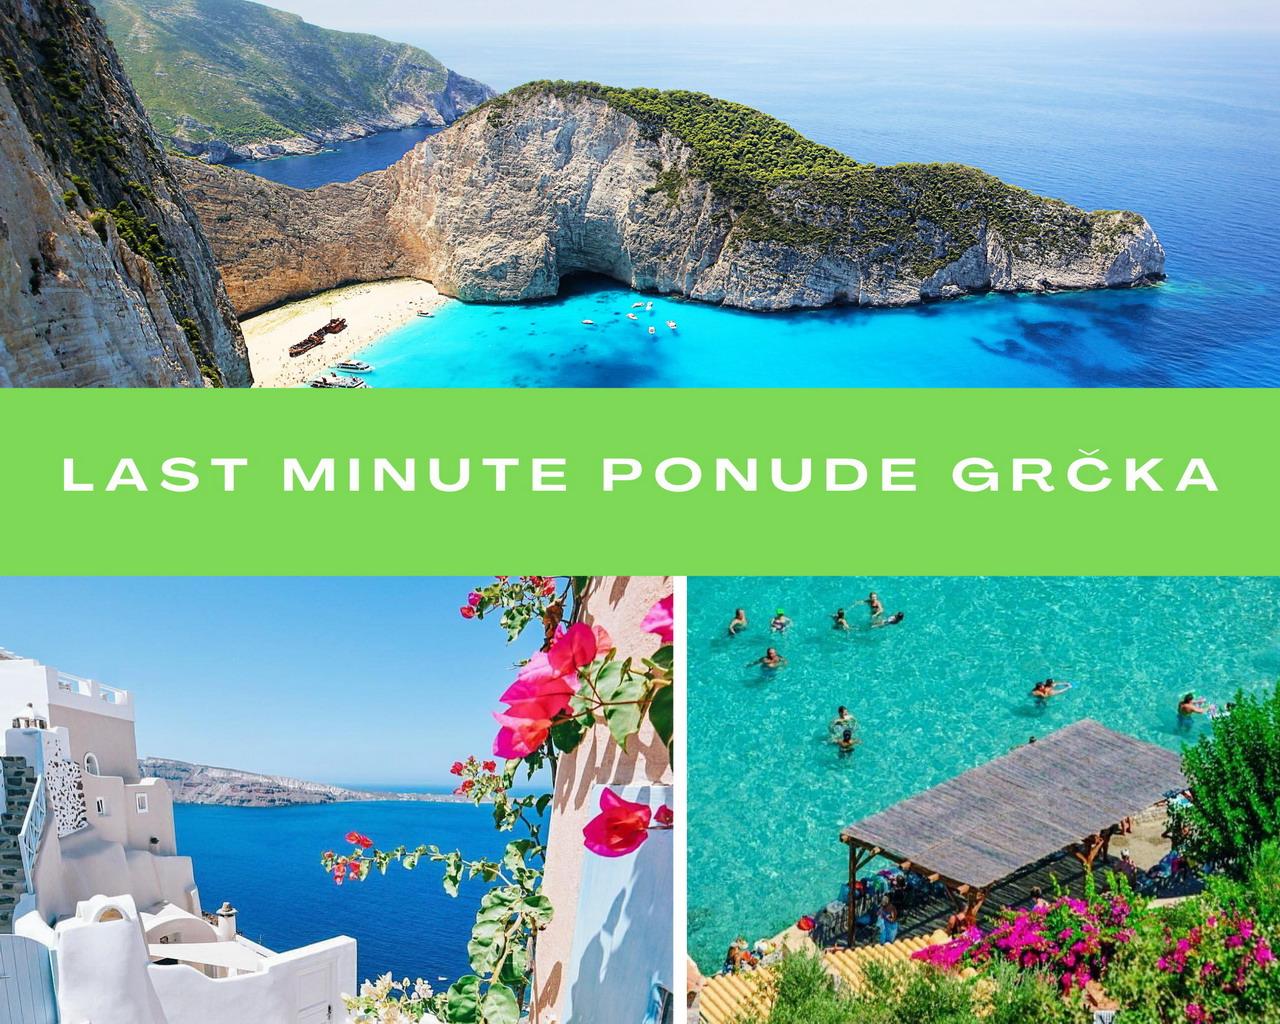 Last minute ponude Grčka 2021